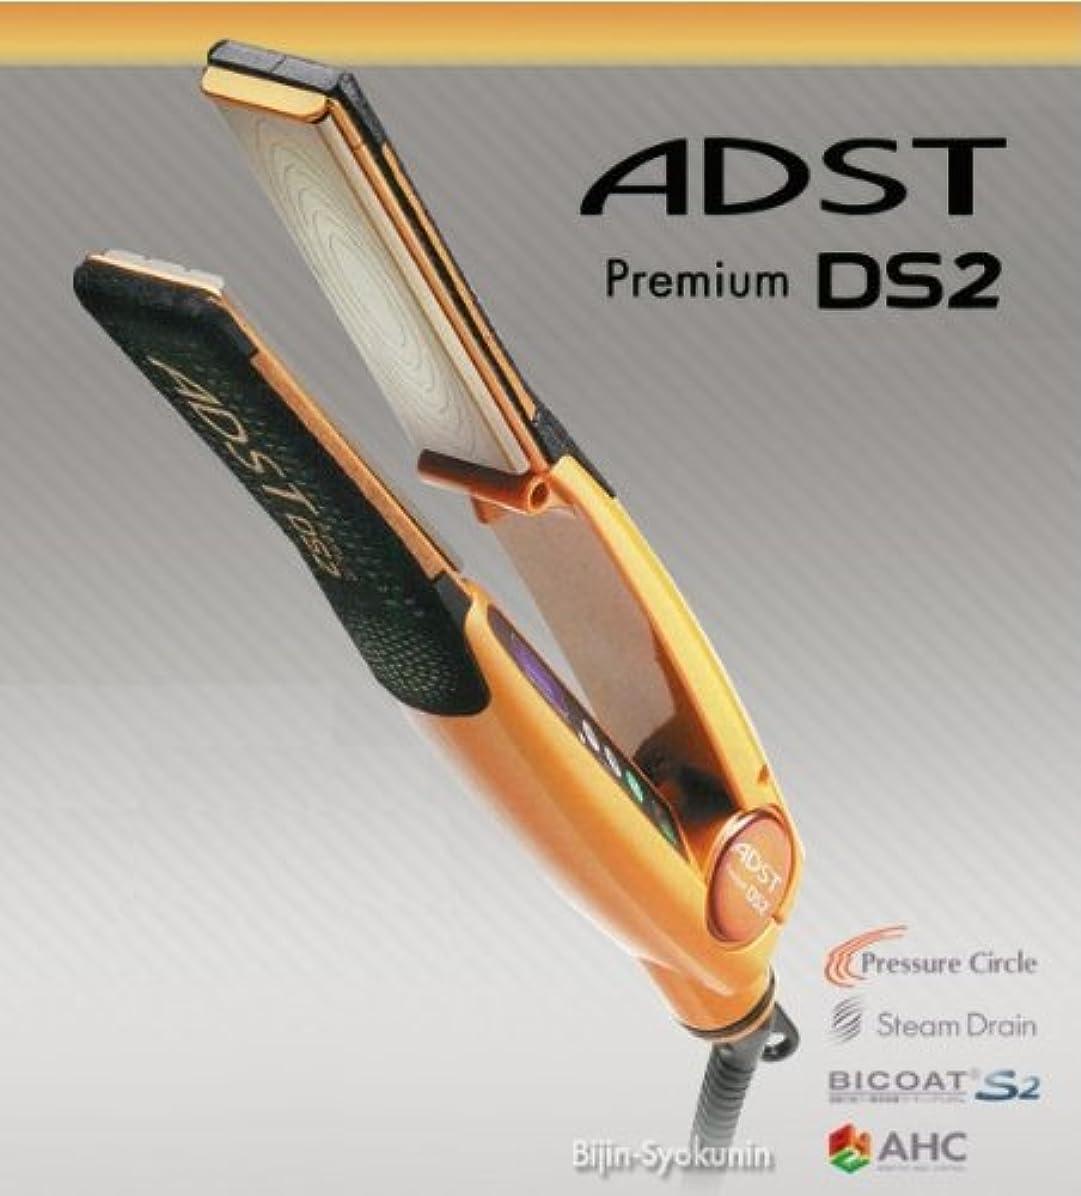 正当な宿るボスADST Premium DS2 アドスト プレミアム DS2 ストレートアイロン